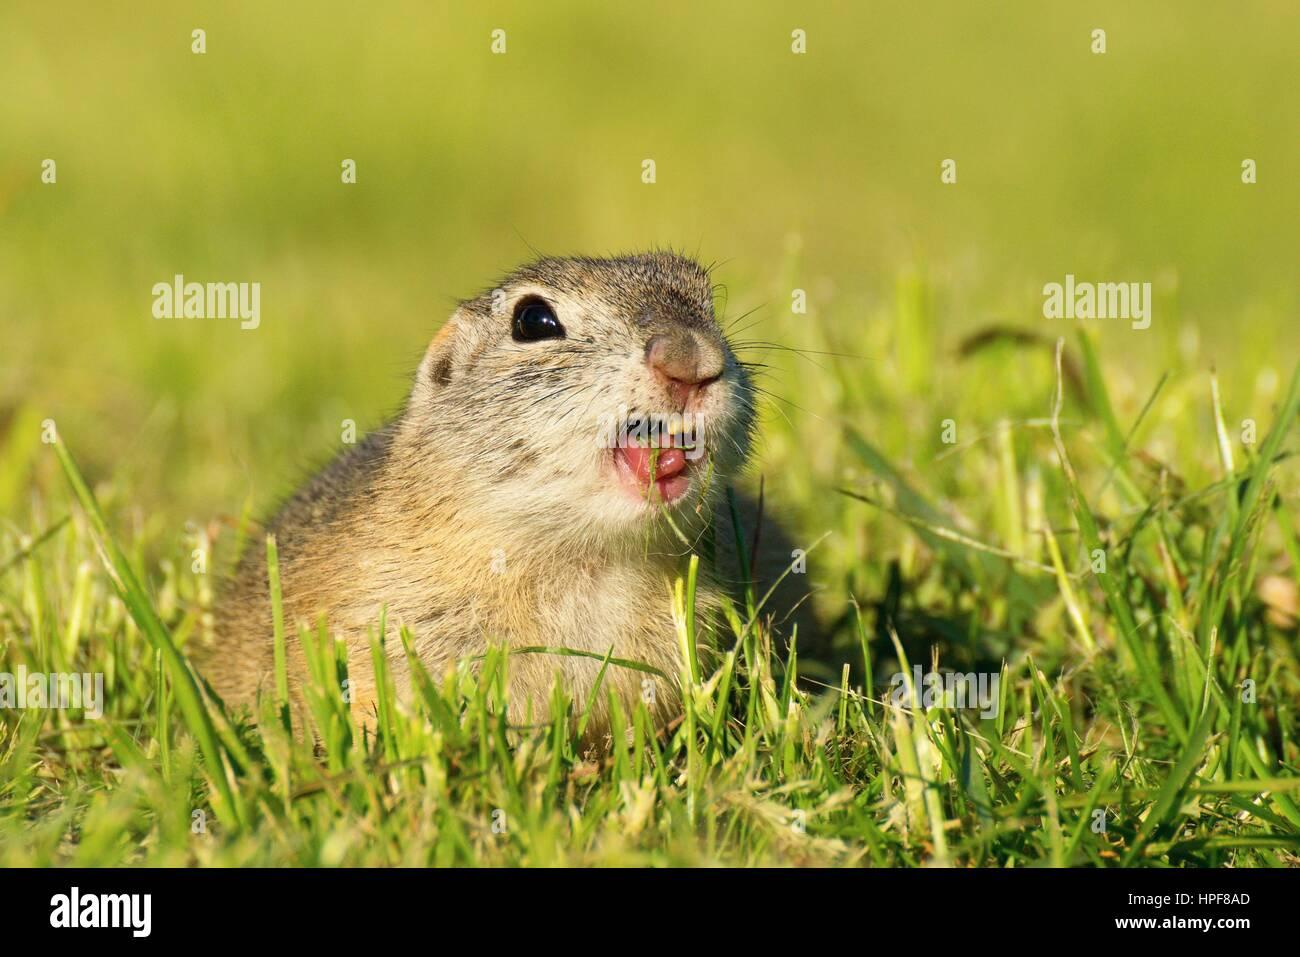 Wunderbar Mäuse Kauten Drähte Durch Fotos - Der Schaltplan - greigo.com